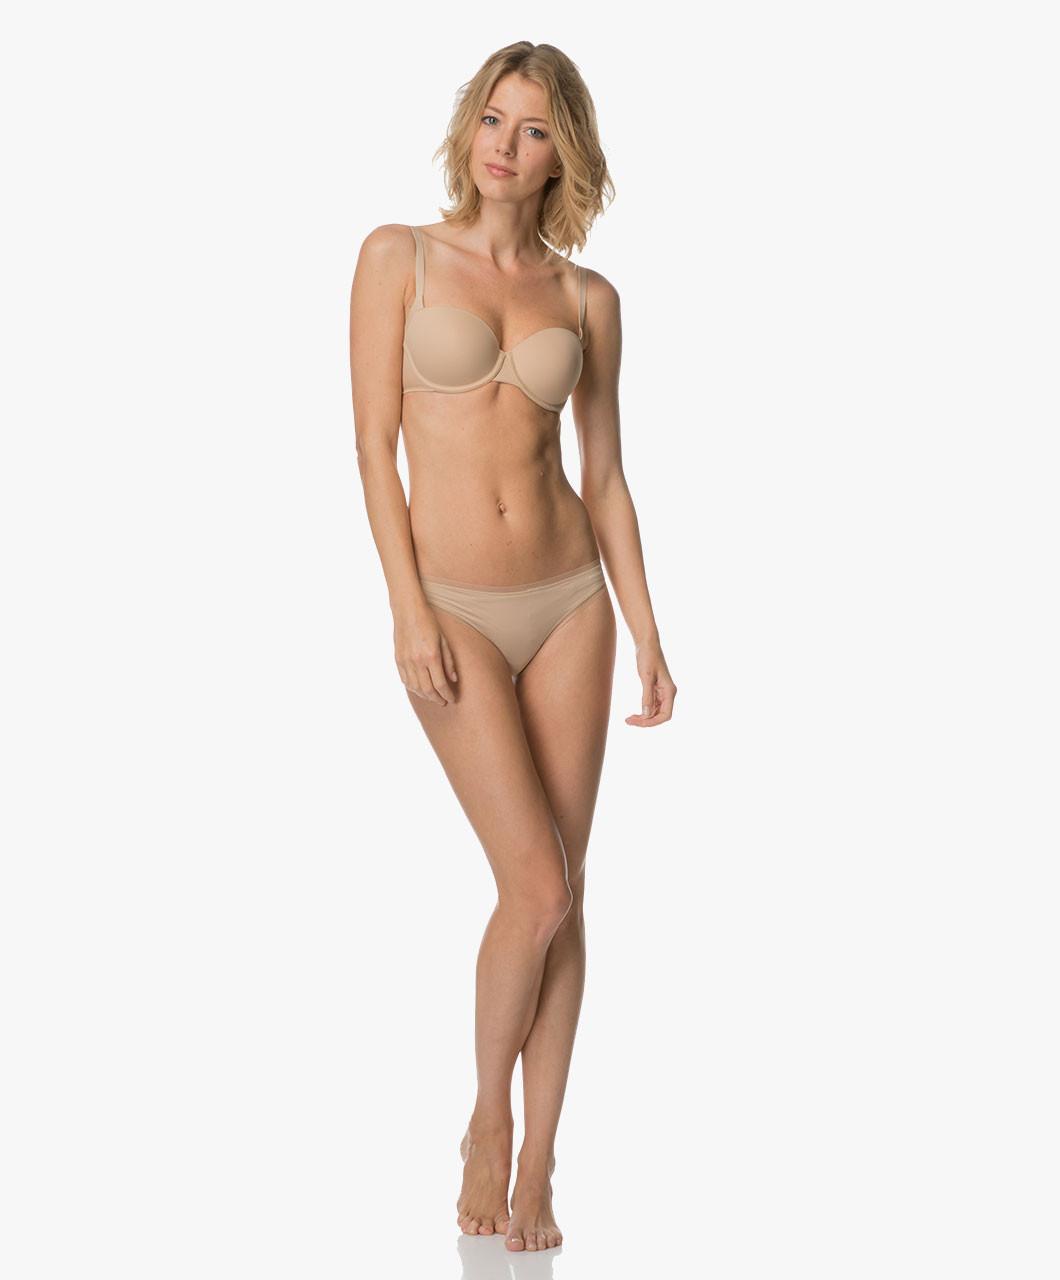 Podprsenka balkonová QF1833E tělová - Calvin Klein tělová 75D